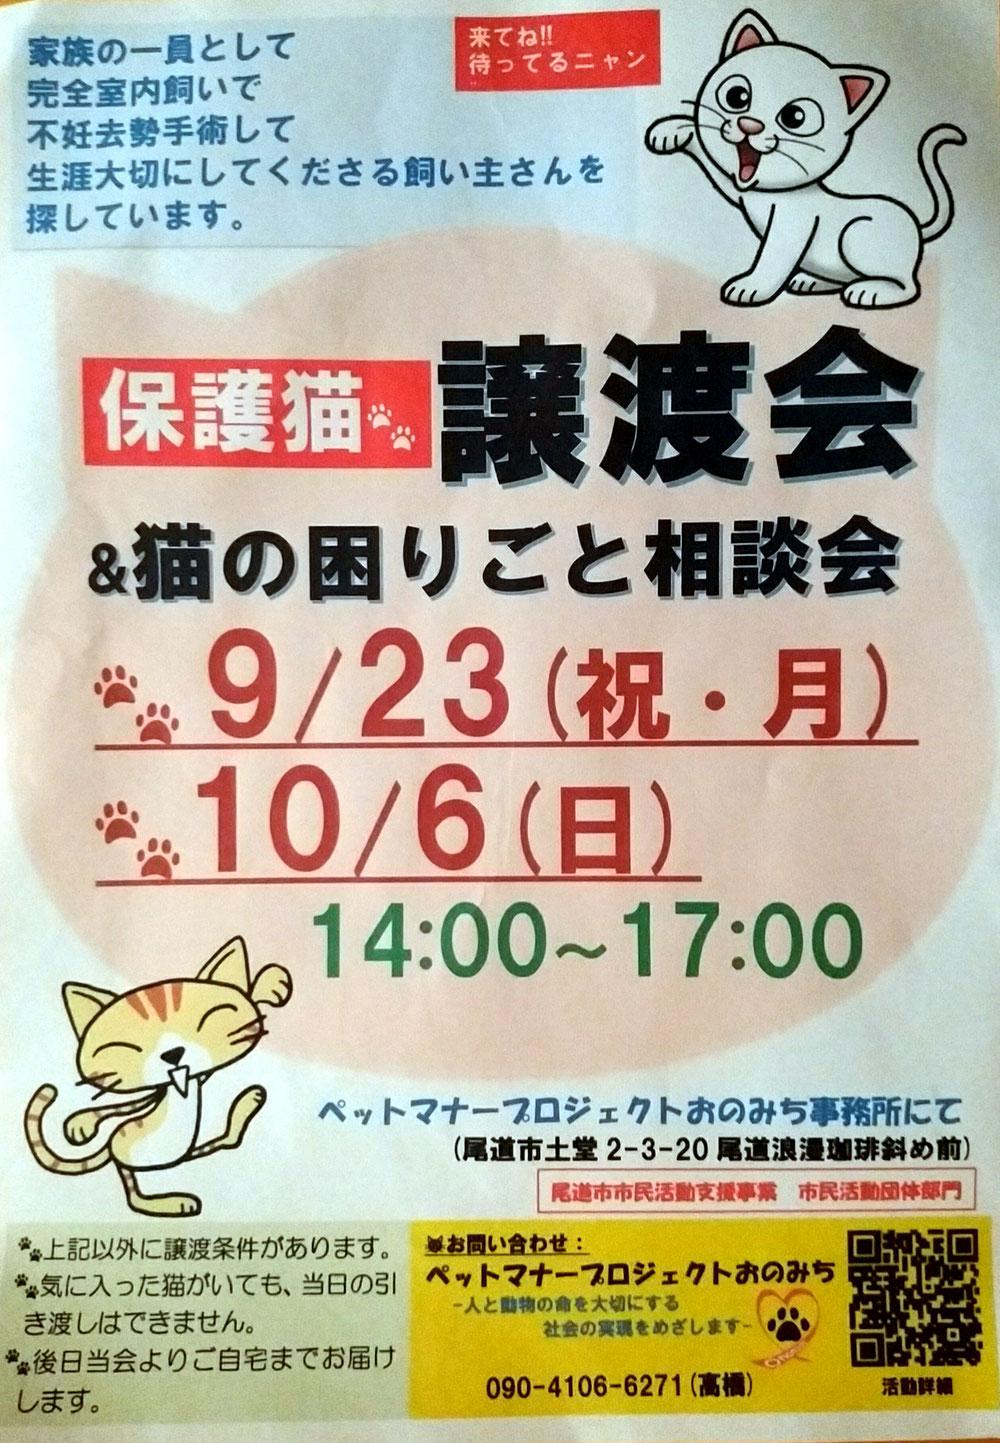 保護猫譲渡会 in 尾道